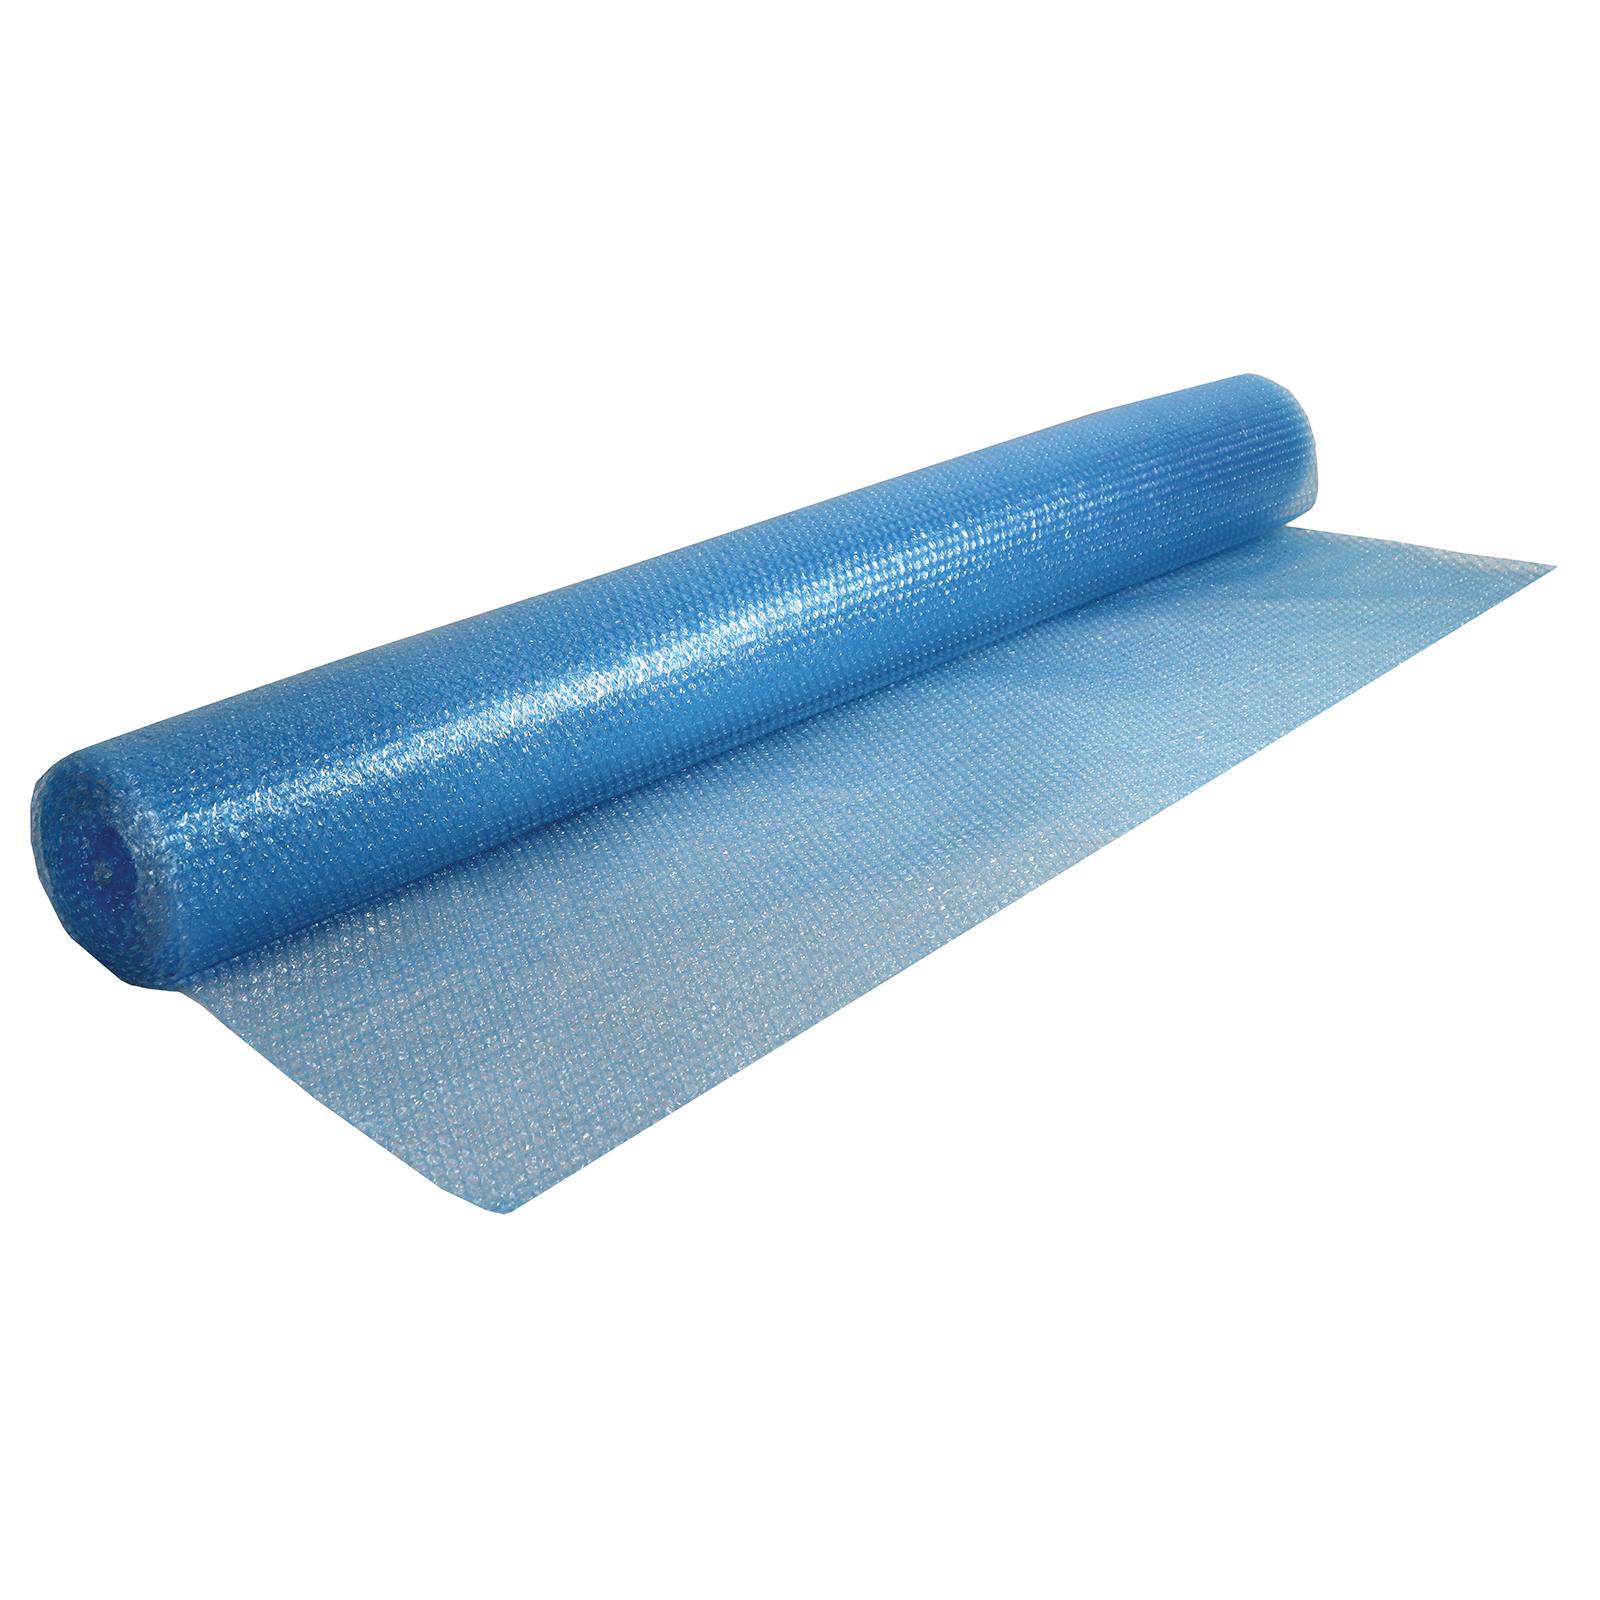 Wrap & Move 1500mm x 10m Blue Light Duty Bubble Wrap